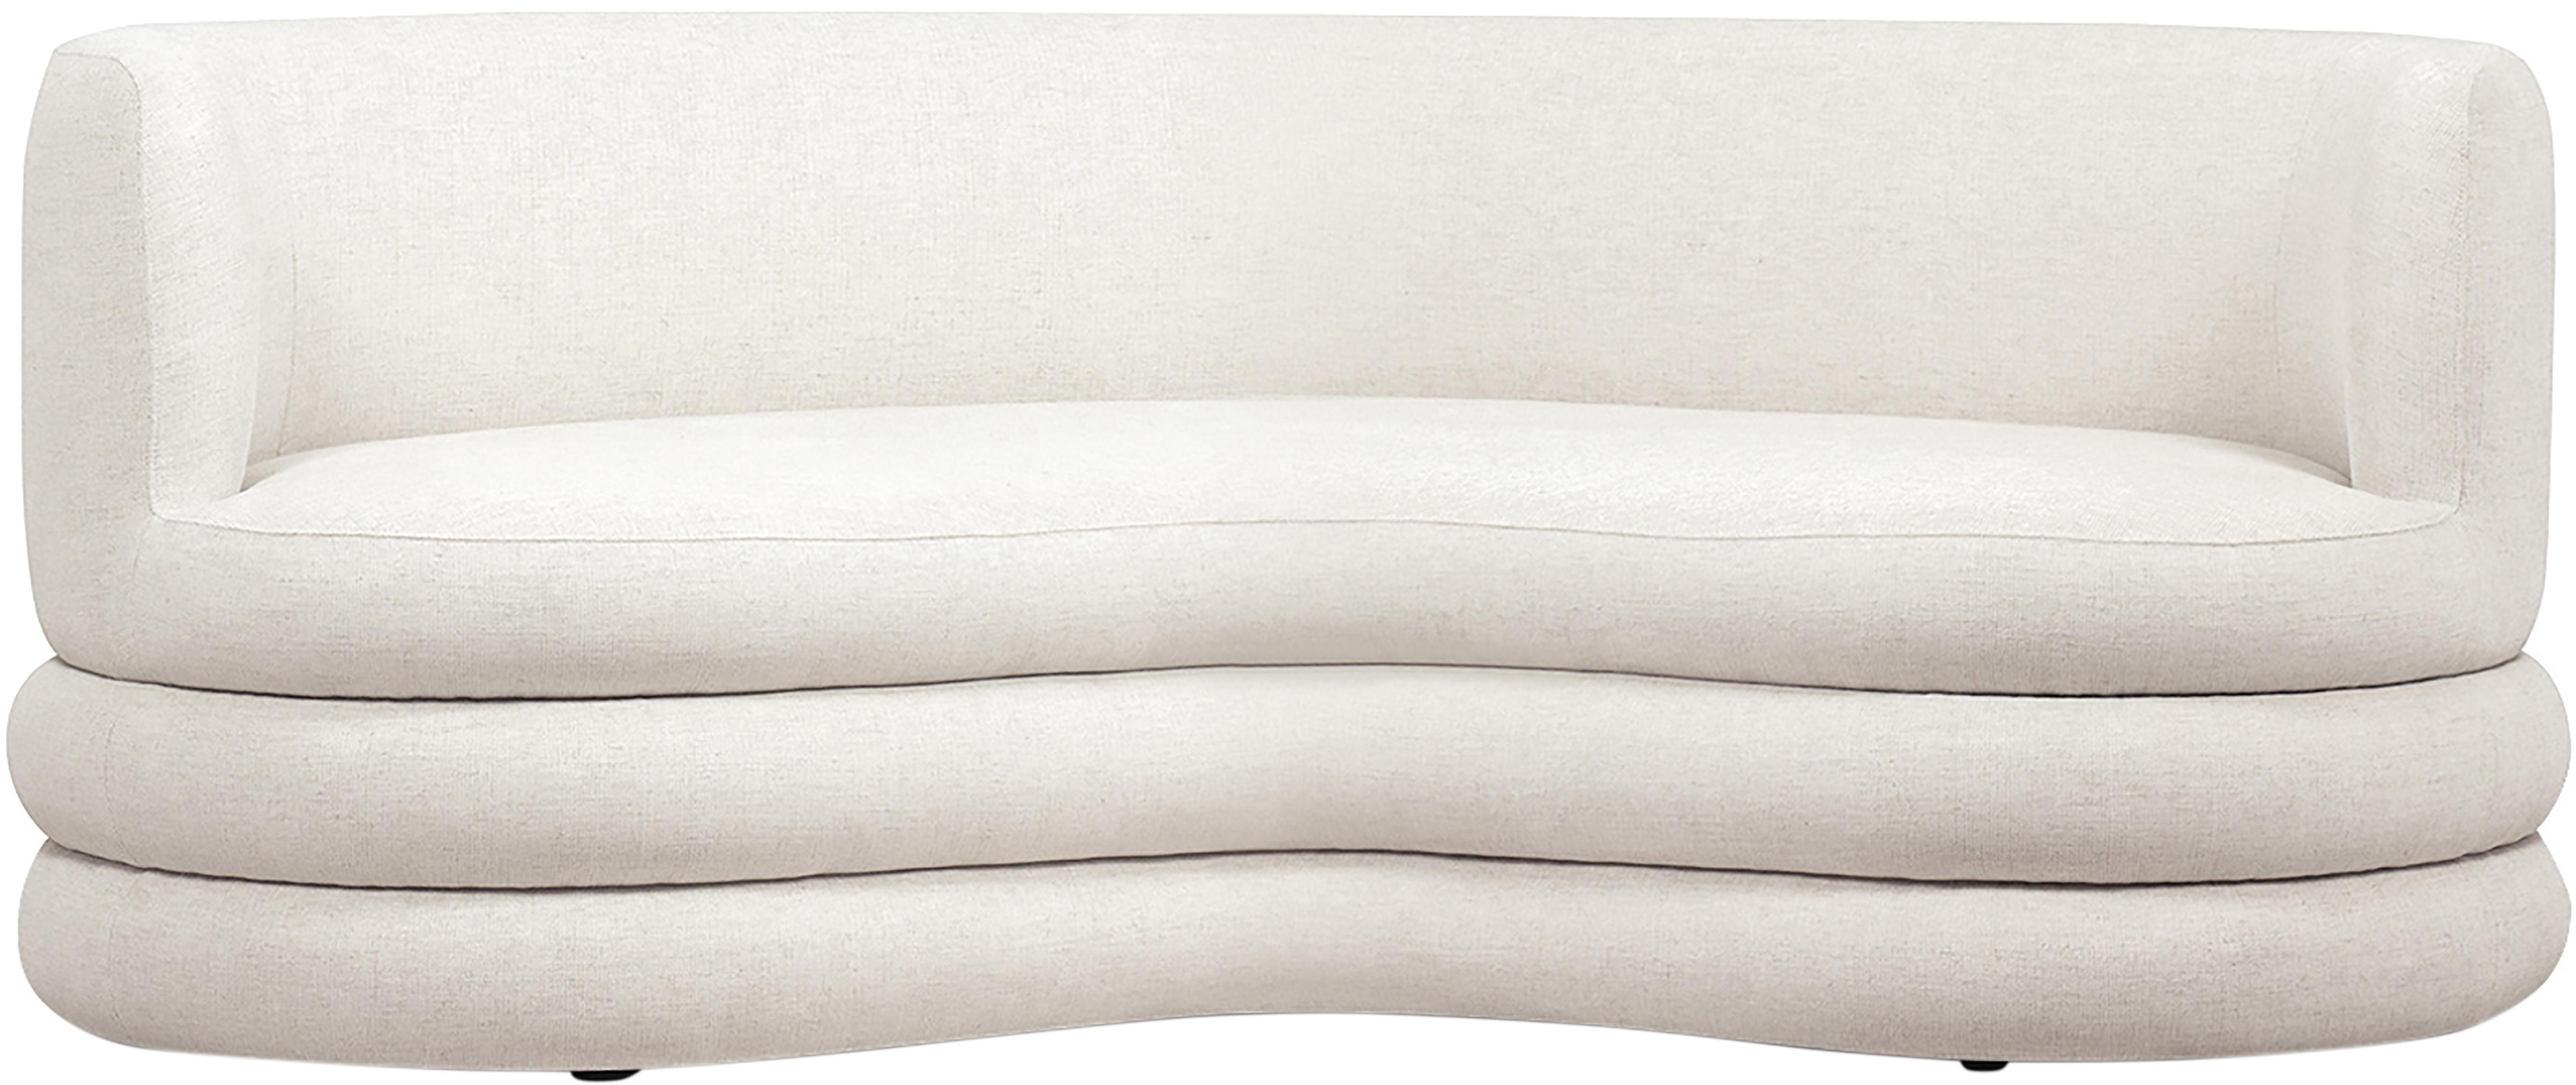 Divano 3 posti in tessuto beige Solomon, Struttura: abete massiccio, material, Piedini: plastica, Rivestimento: beige Piedini: nero, Larg. 200 x Prof. 95 cm